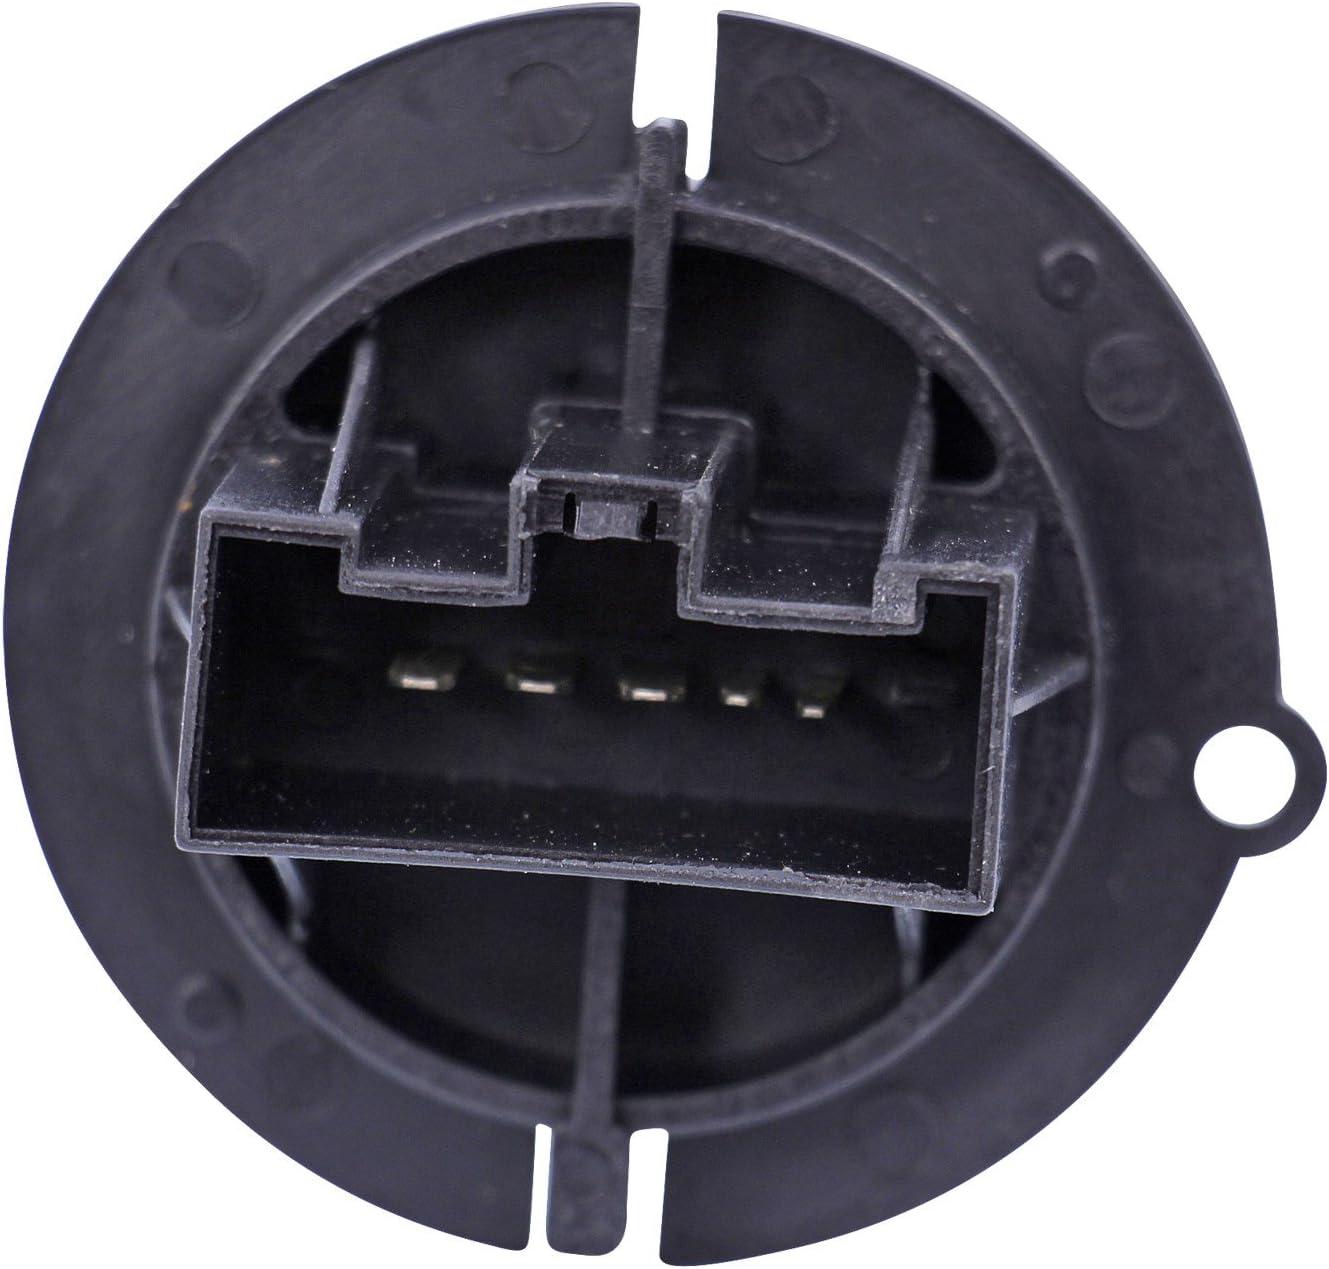 Gebläseregler Widerstand Innenraumgebläse für Peugeot 206 307 1.1 1.4 1.6 2.0